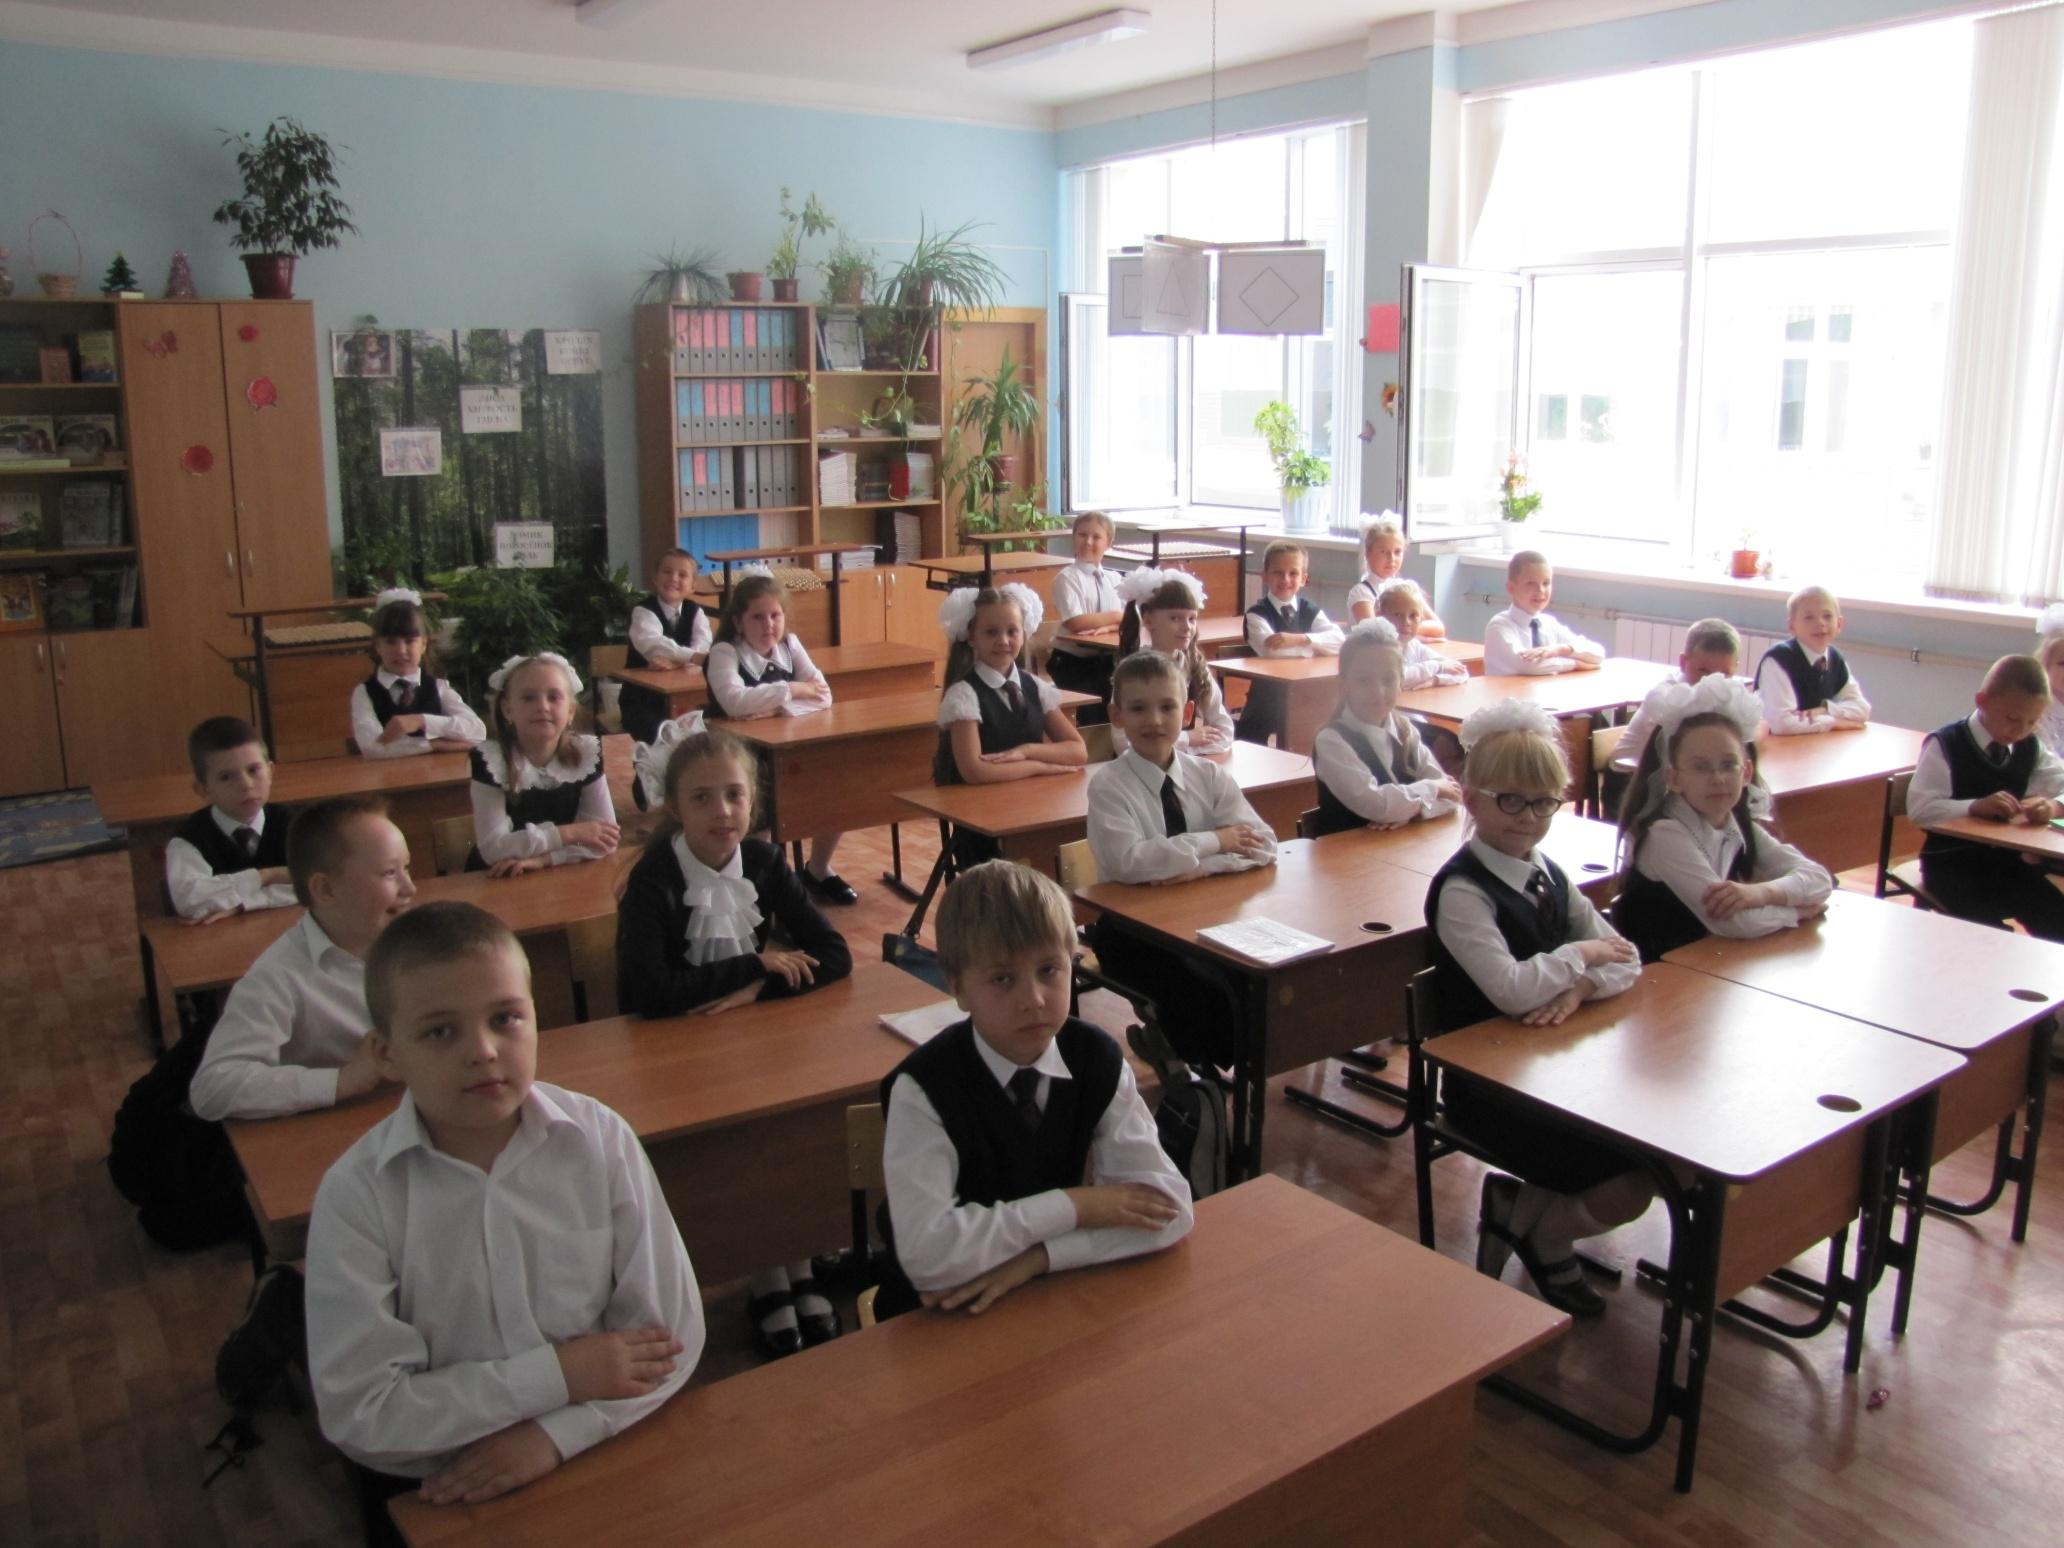 D:\Фотографии\Школа\прохоровка 2012\IMG_0140.JPG